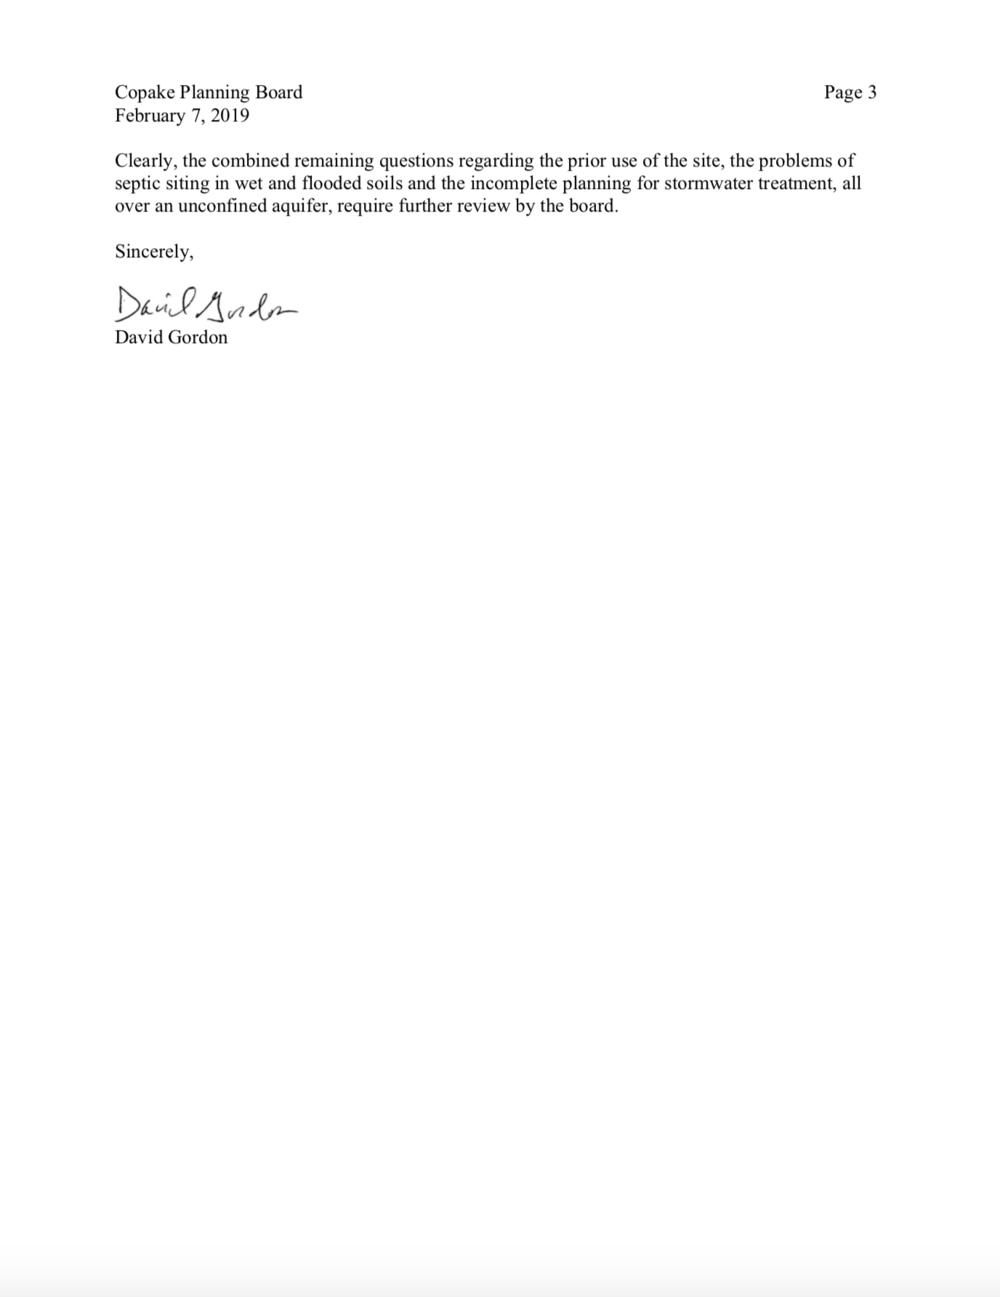 GRJH_David Gordon Legal Letter 3.jpg